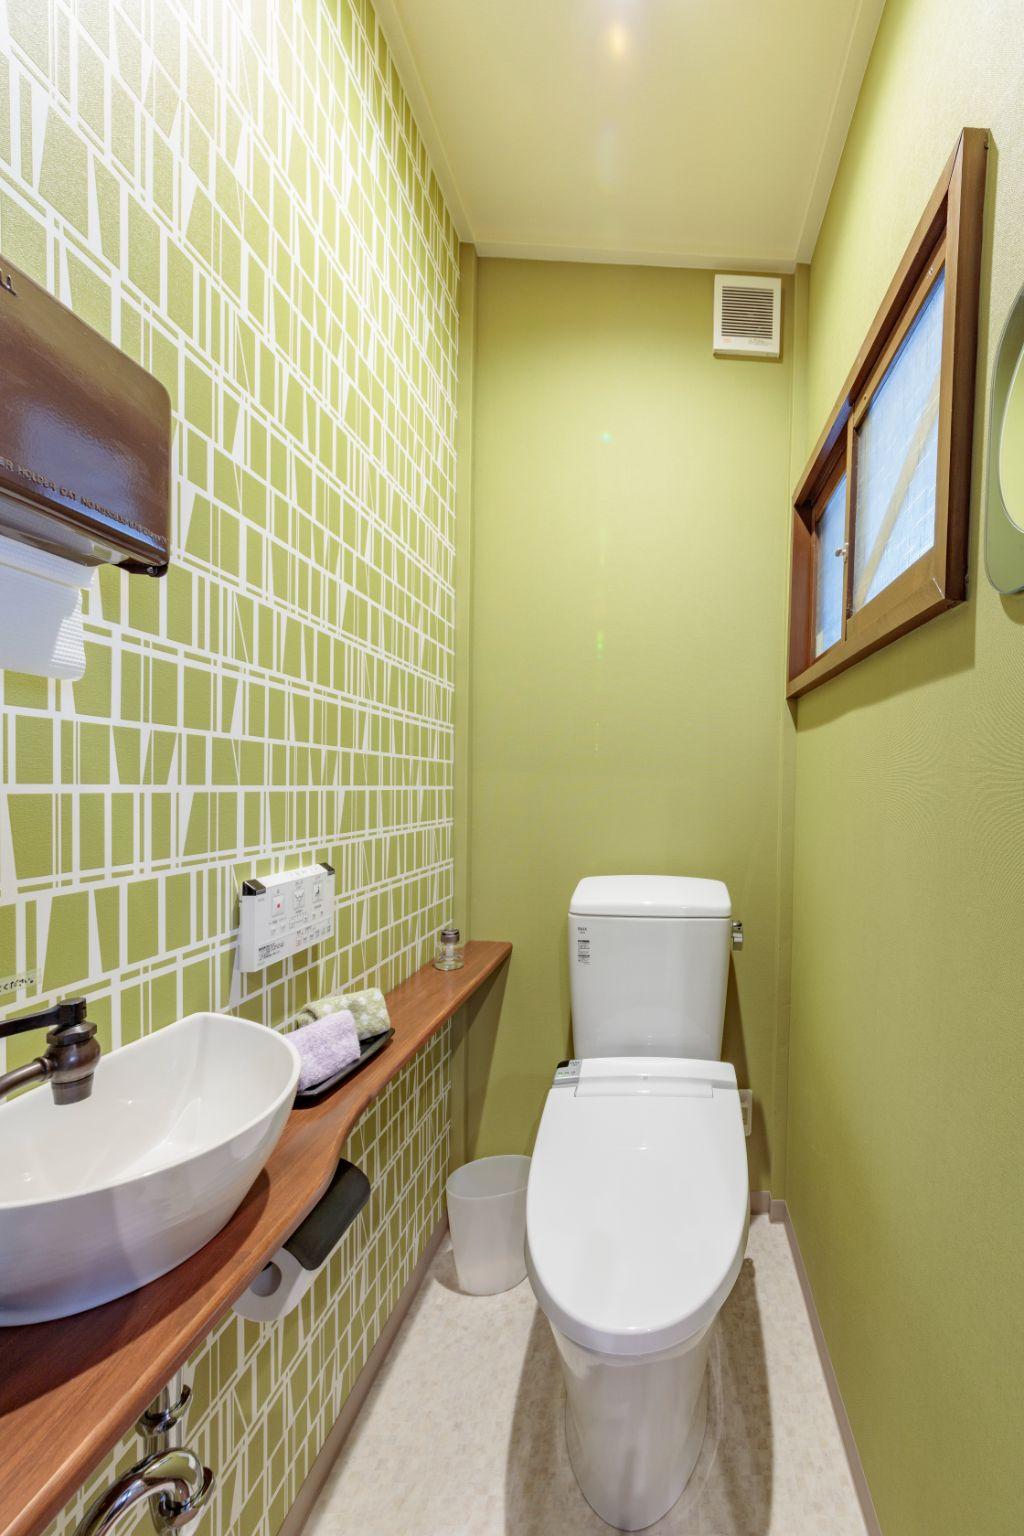 電車の椅子の緑と茶色でコーディネートしたトイレ。